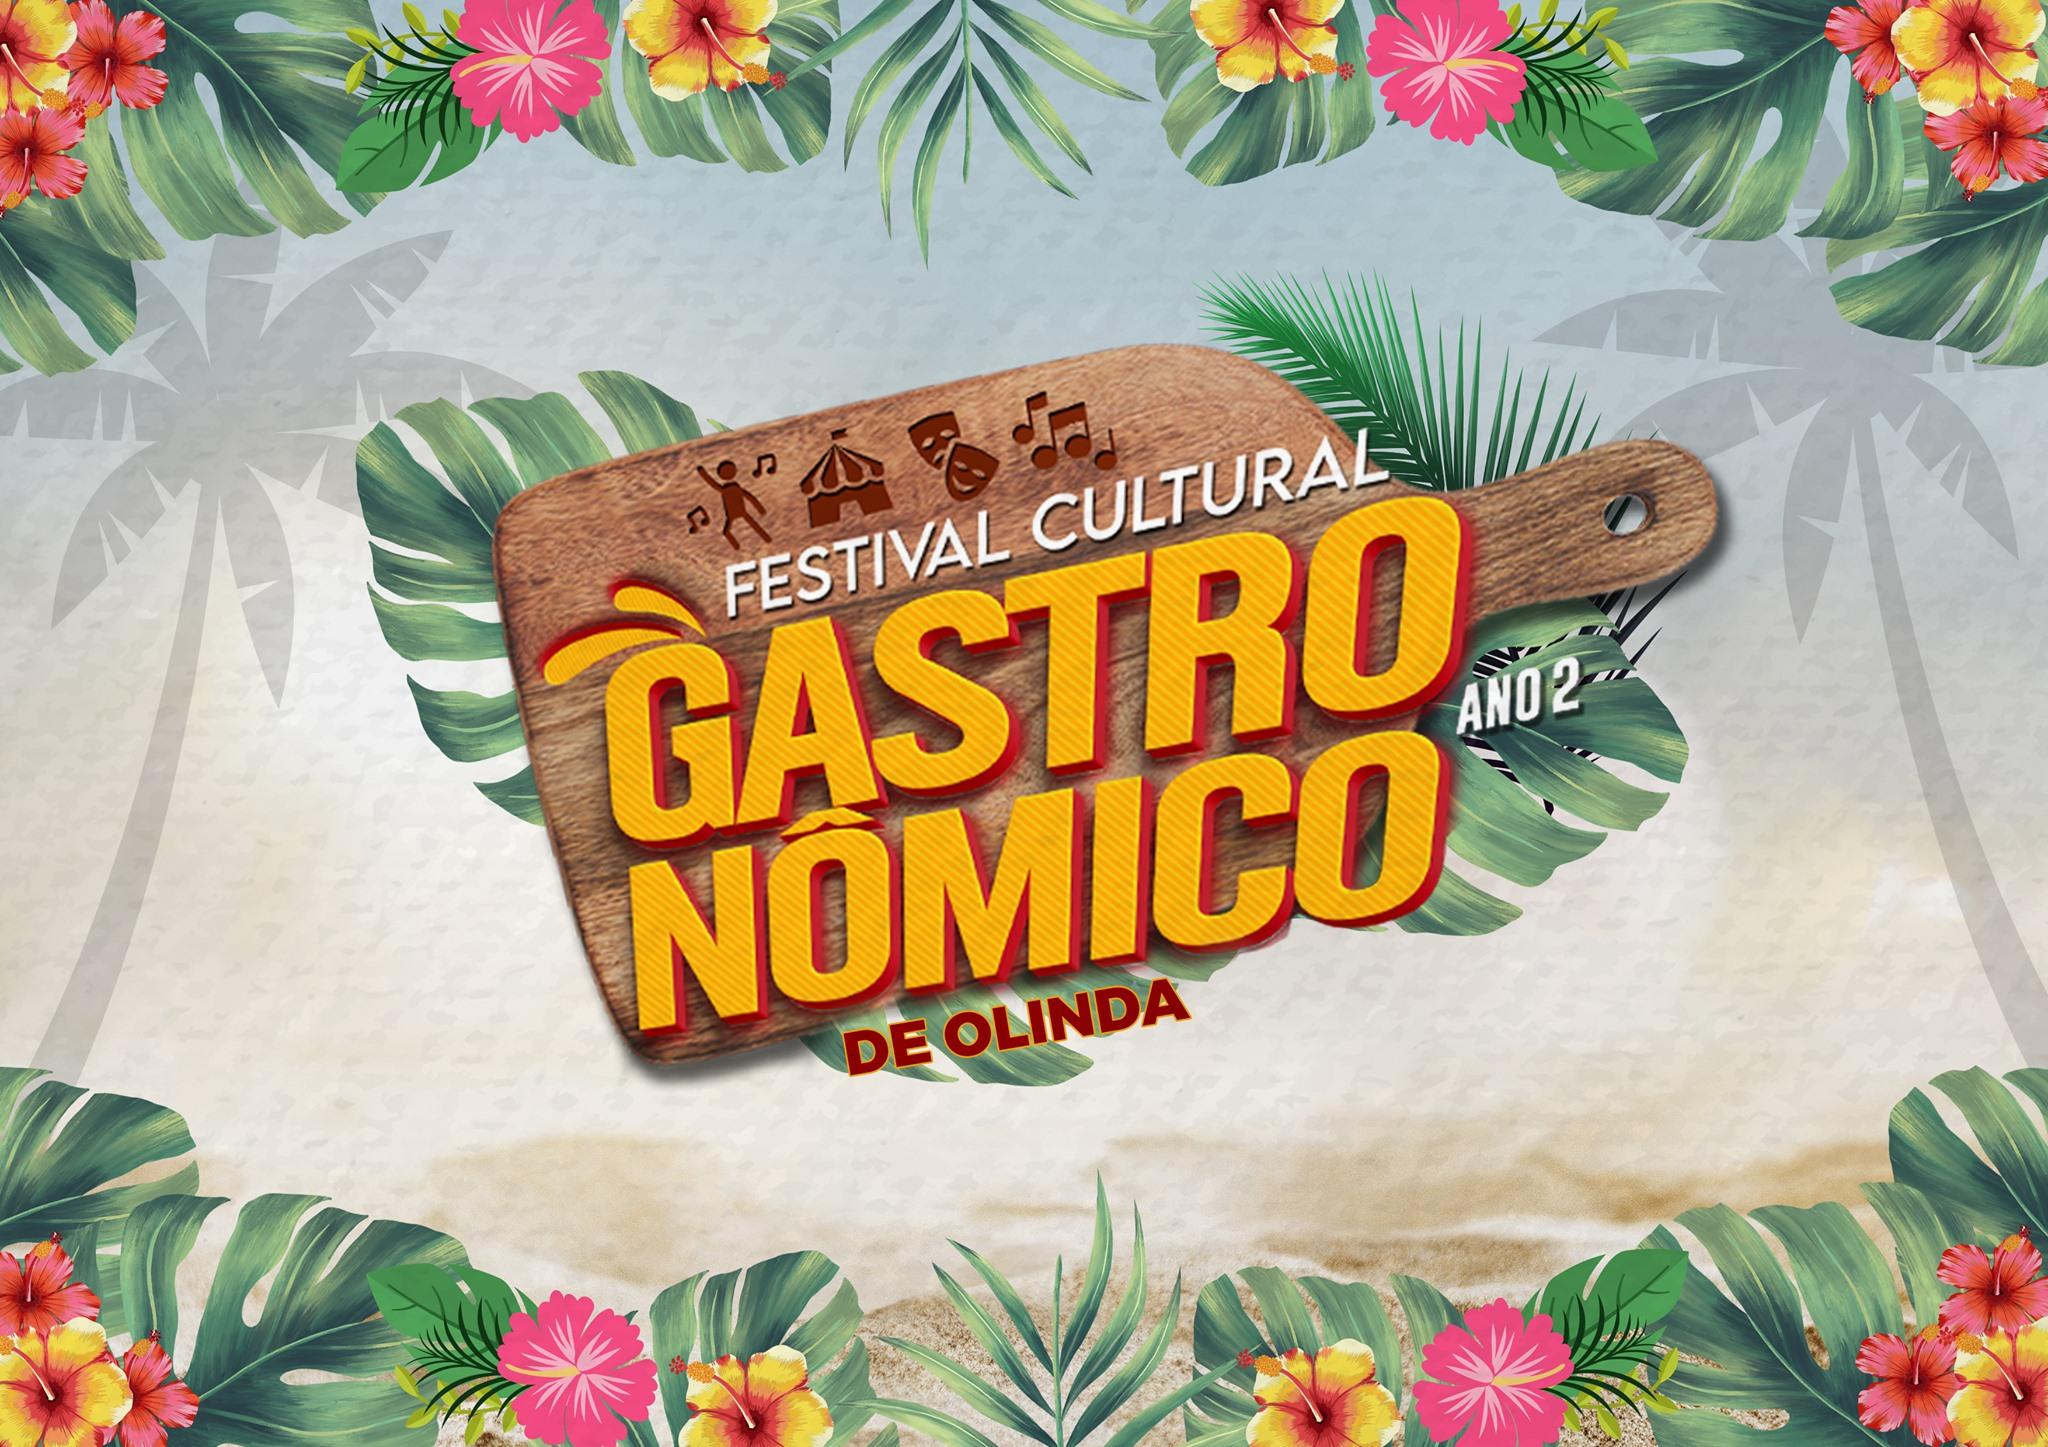 Festival Cultural Gastronômico de Olinda chega a sua 2ª edição propondo uma imersão digital nos sabores da cultura pernambucana